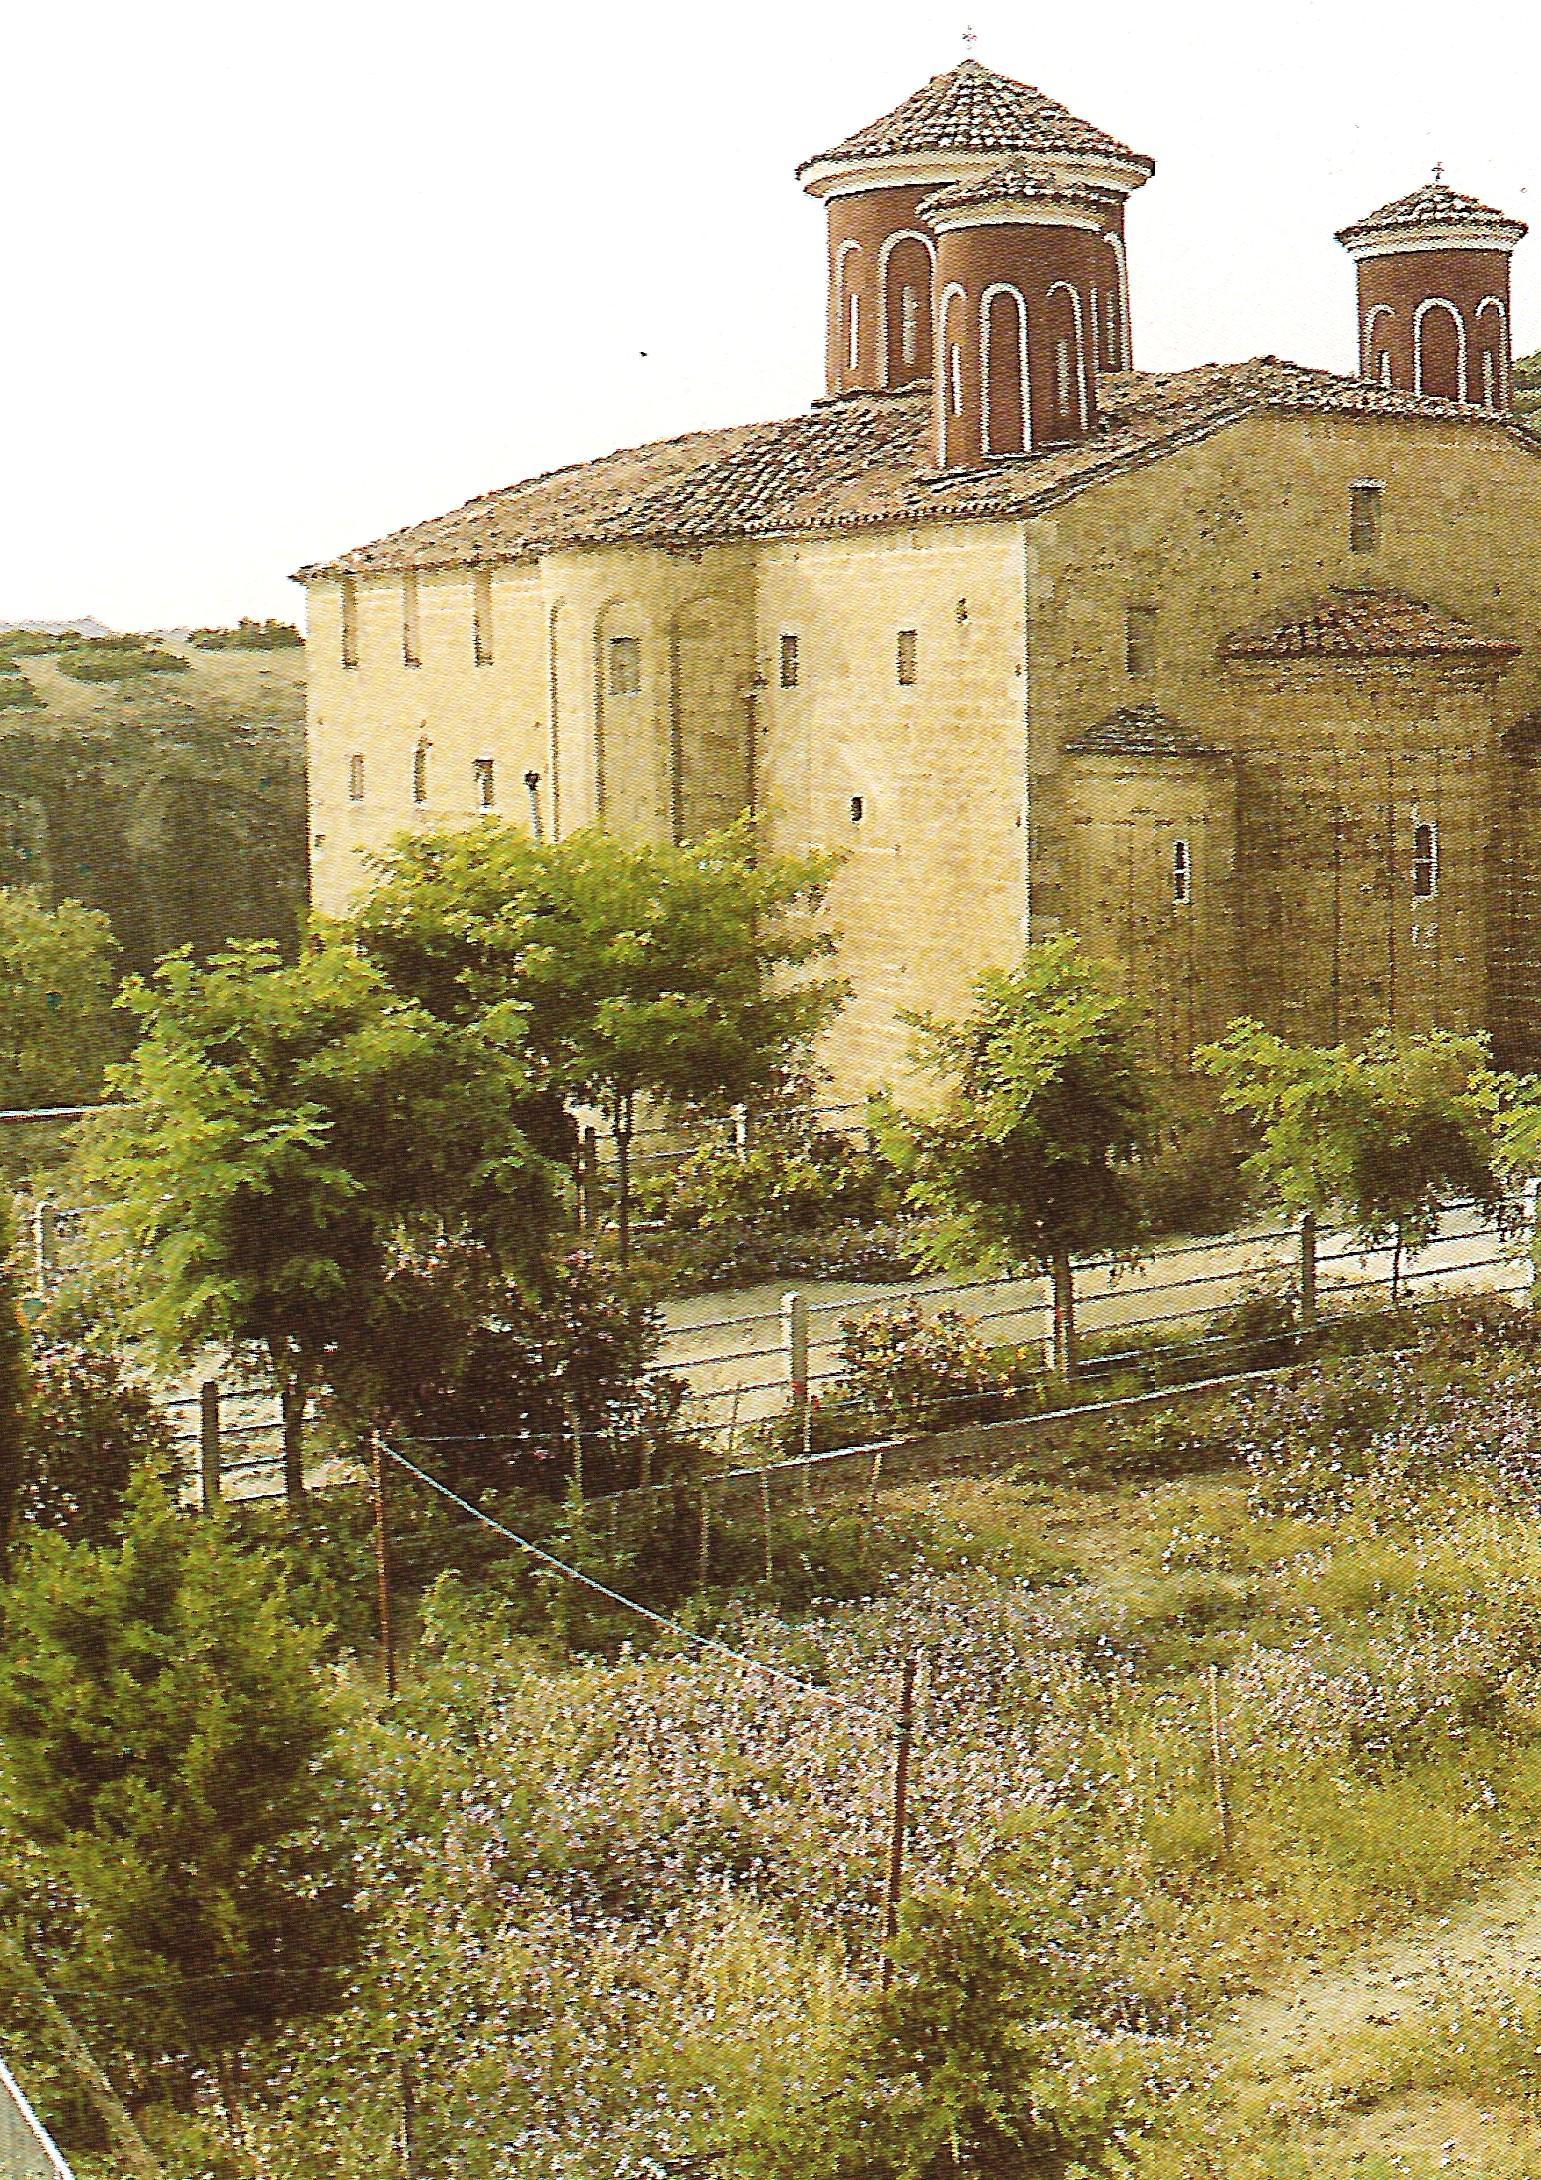 Το καθολικό (ιερός ναός αγίου Χαραλάμπους) της Ιεράς Μονής Αγίου Στεφάνου